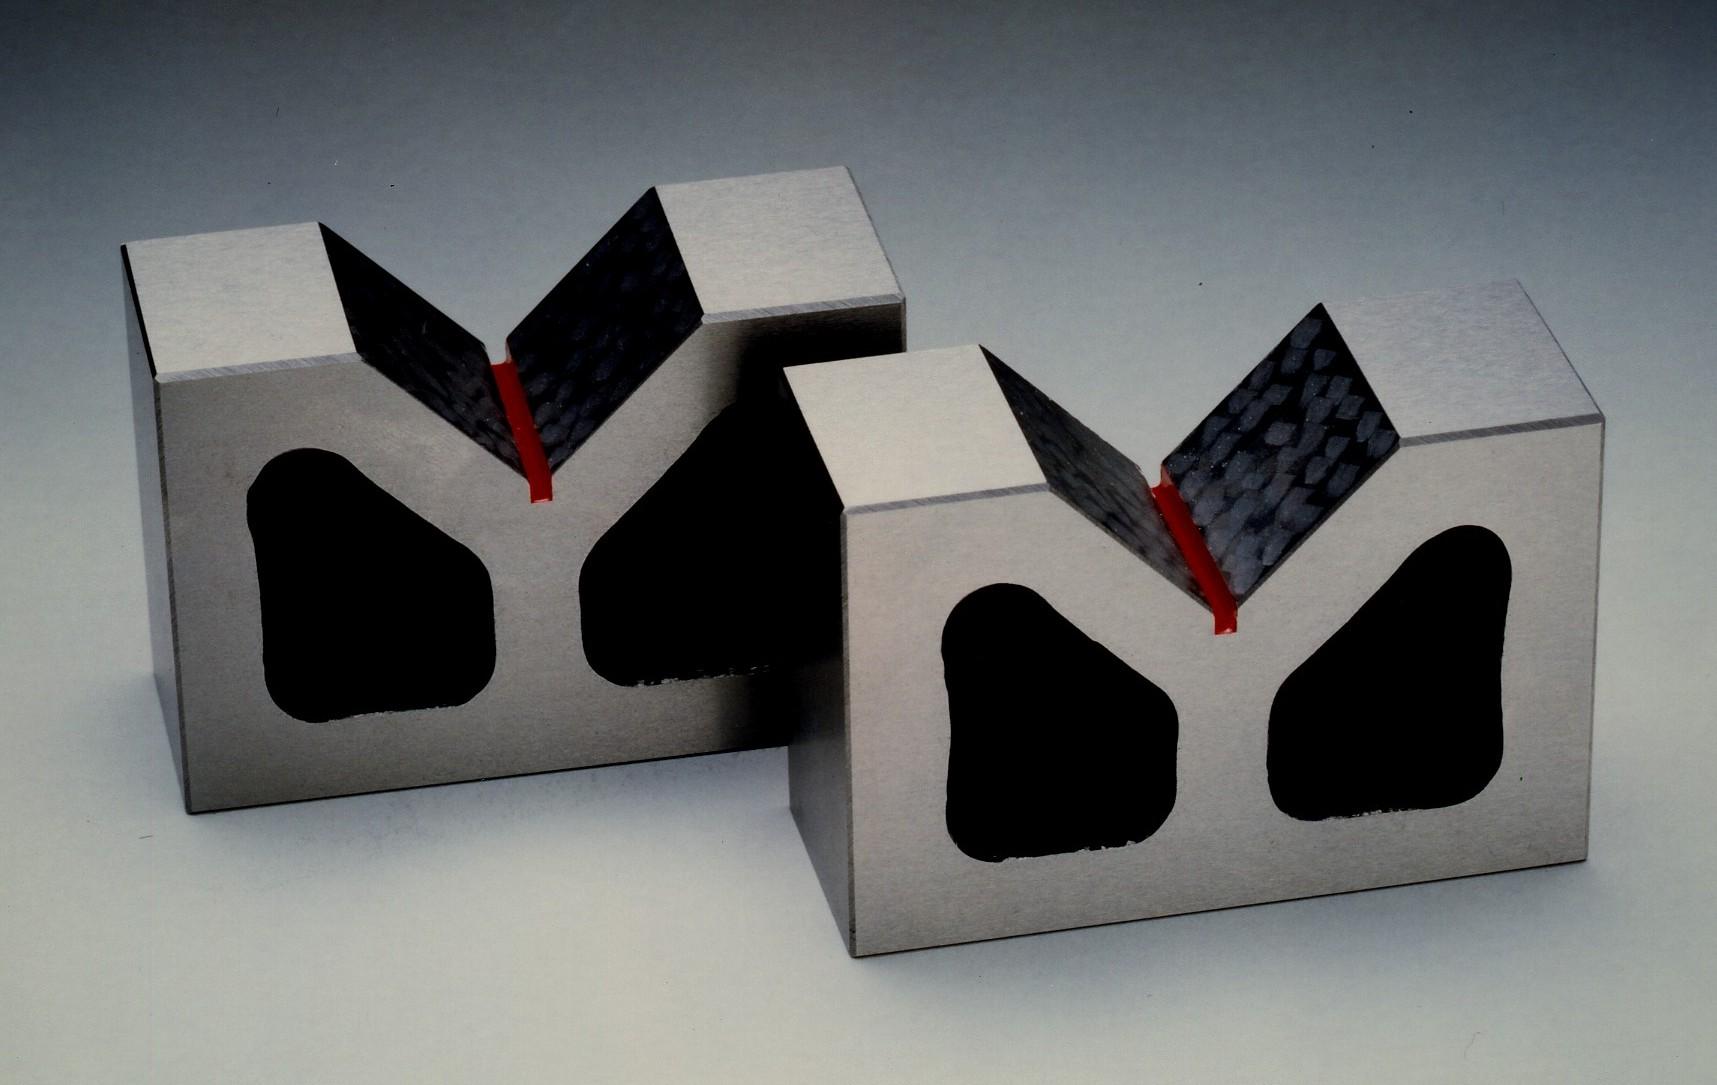 鋳鉄製 B形 Vブロック